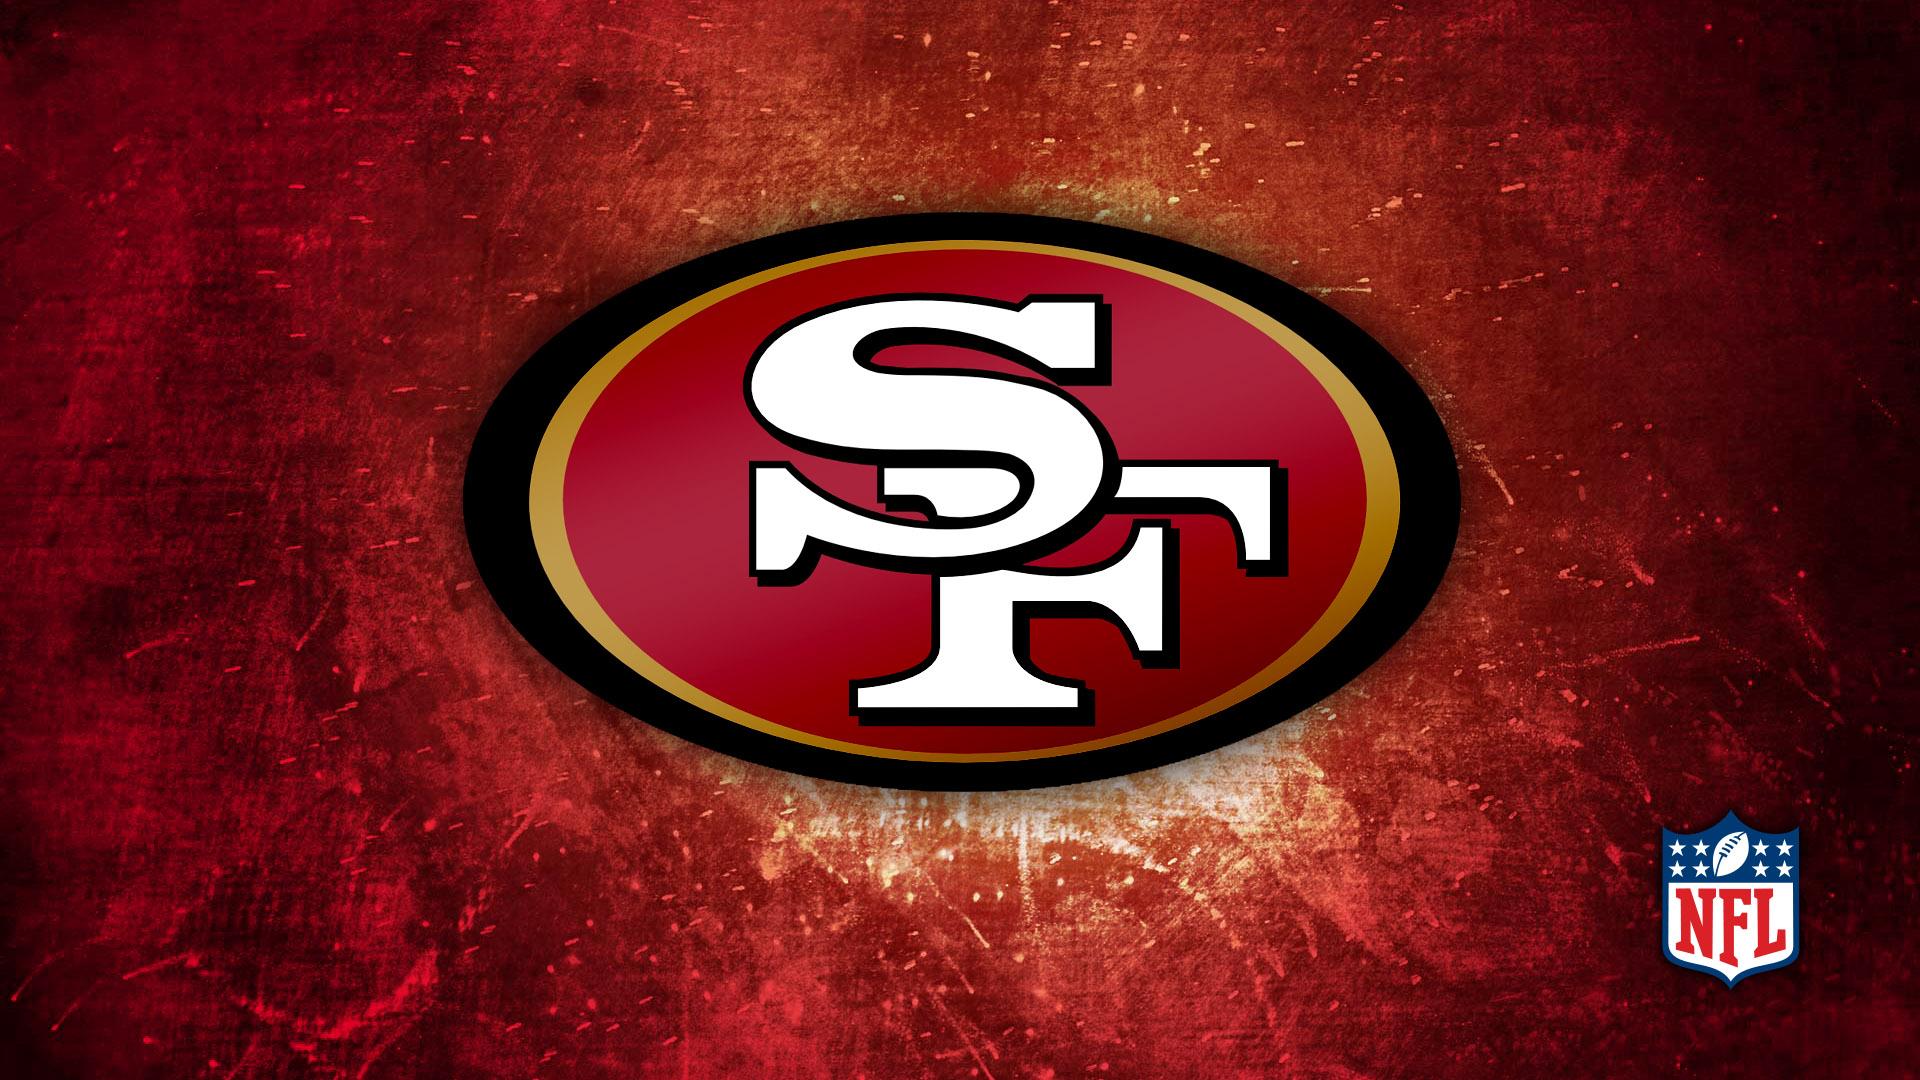 San francisco 49ers wallpaper logo wallpapersafari - 49ers wallpaper iphone 5 ...